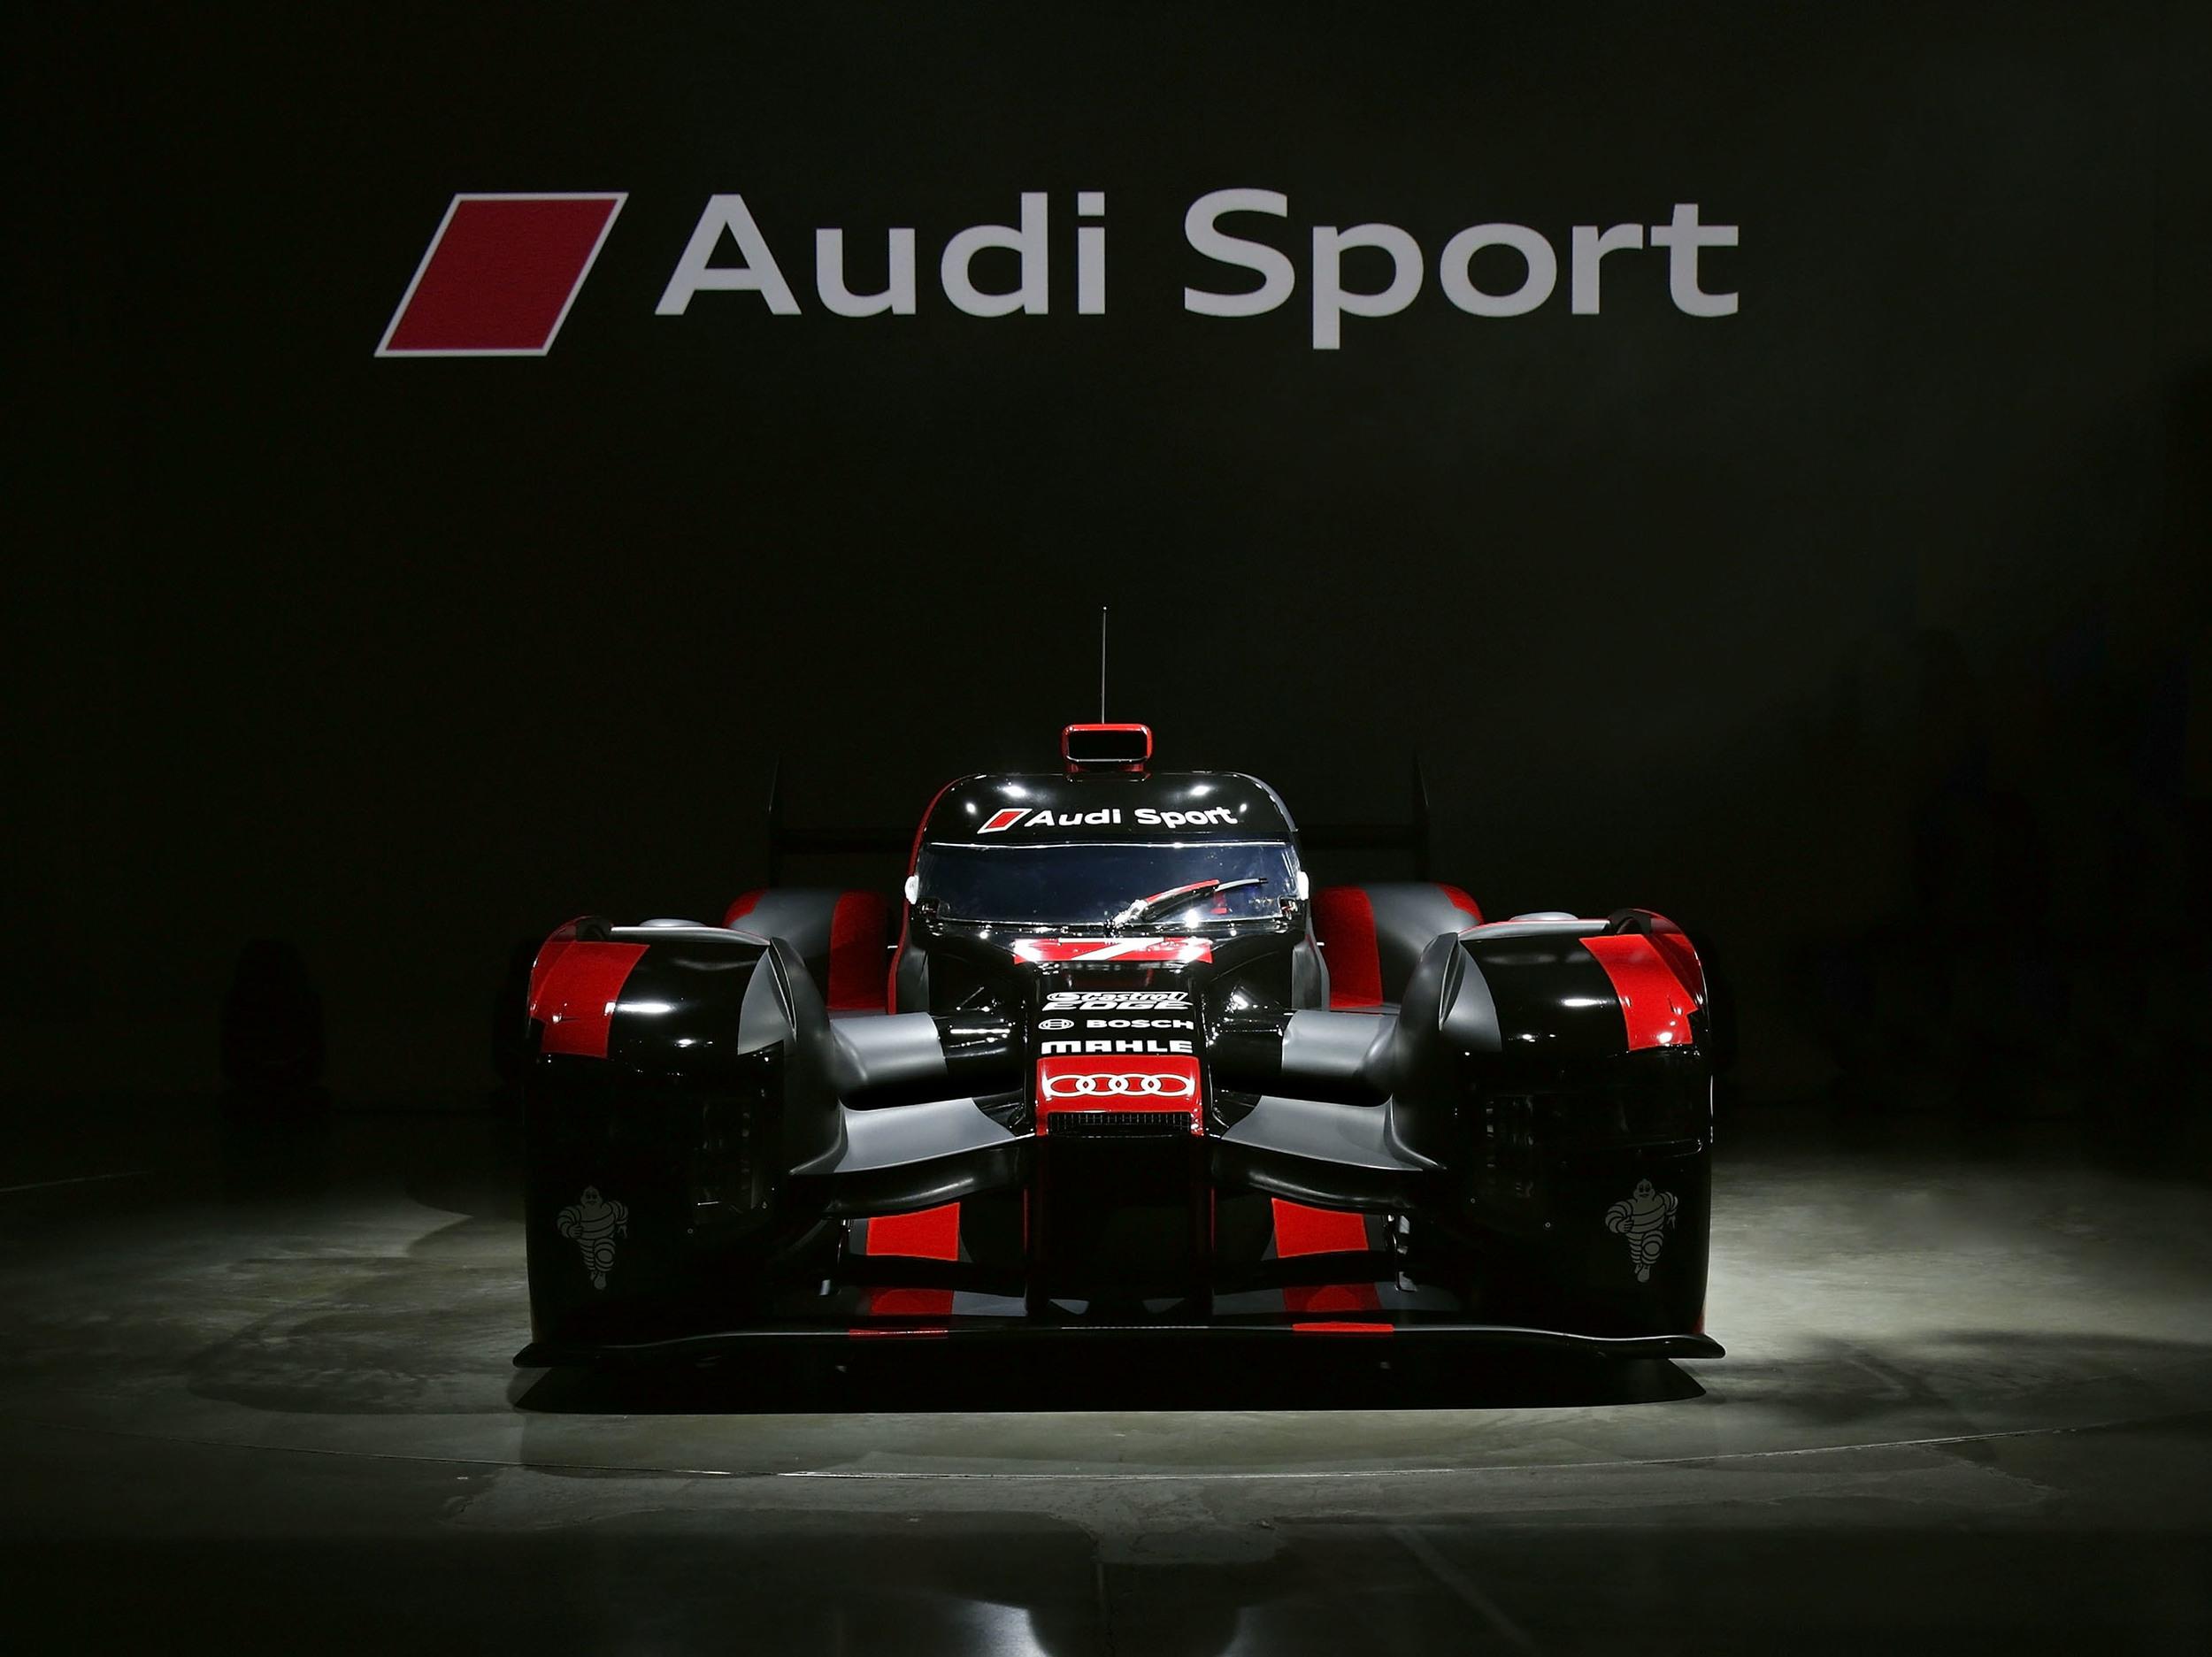 Audi unveils new R18 Le Mans racer